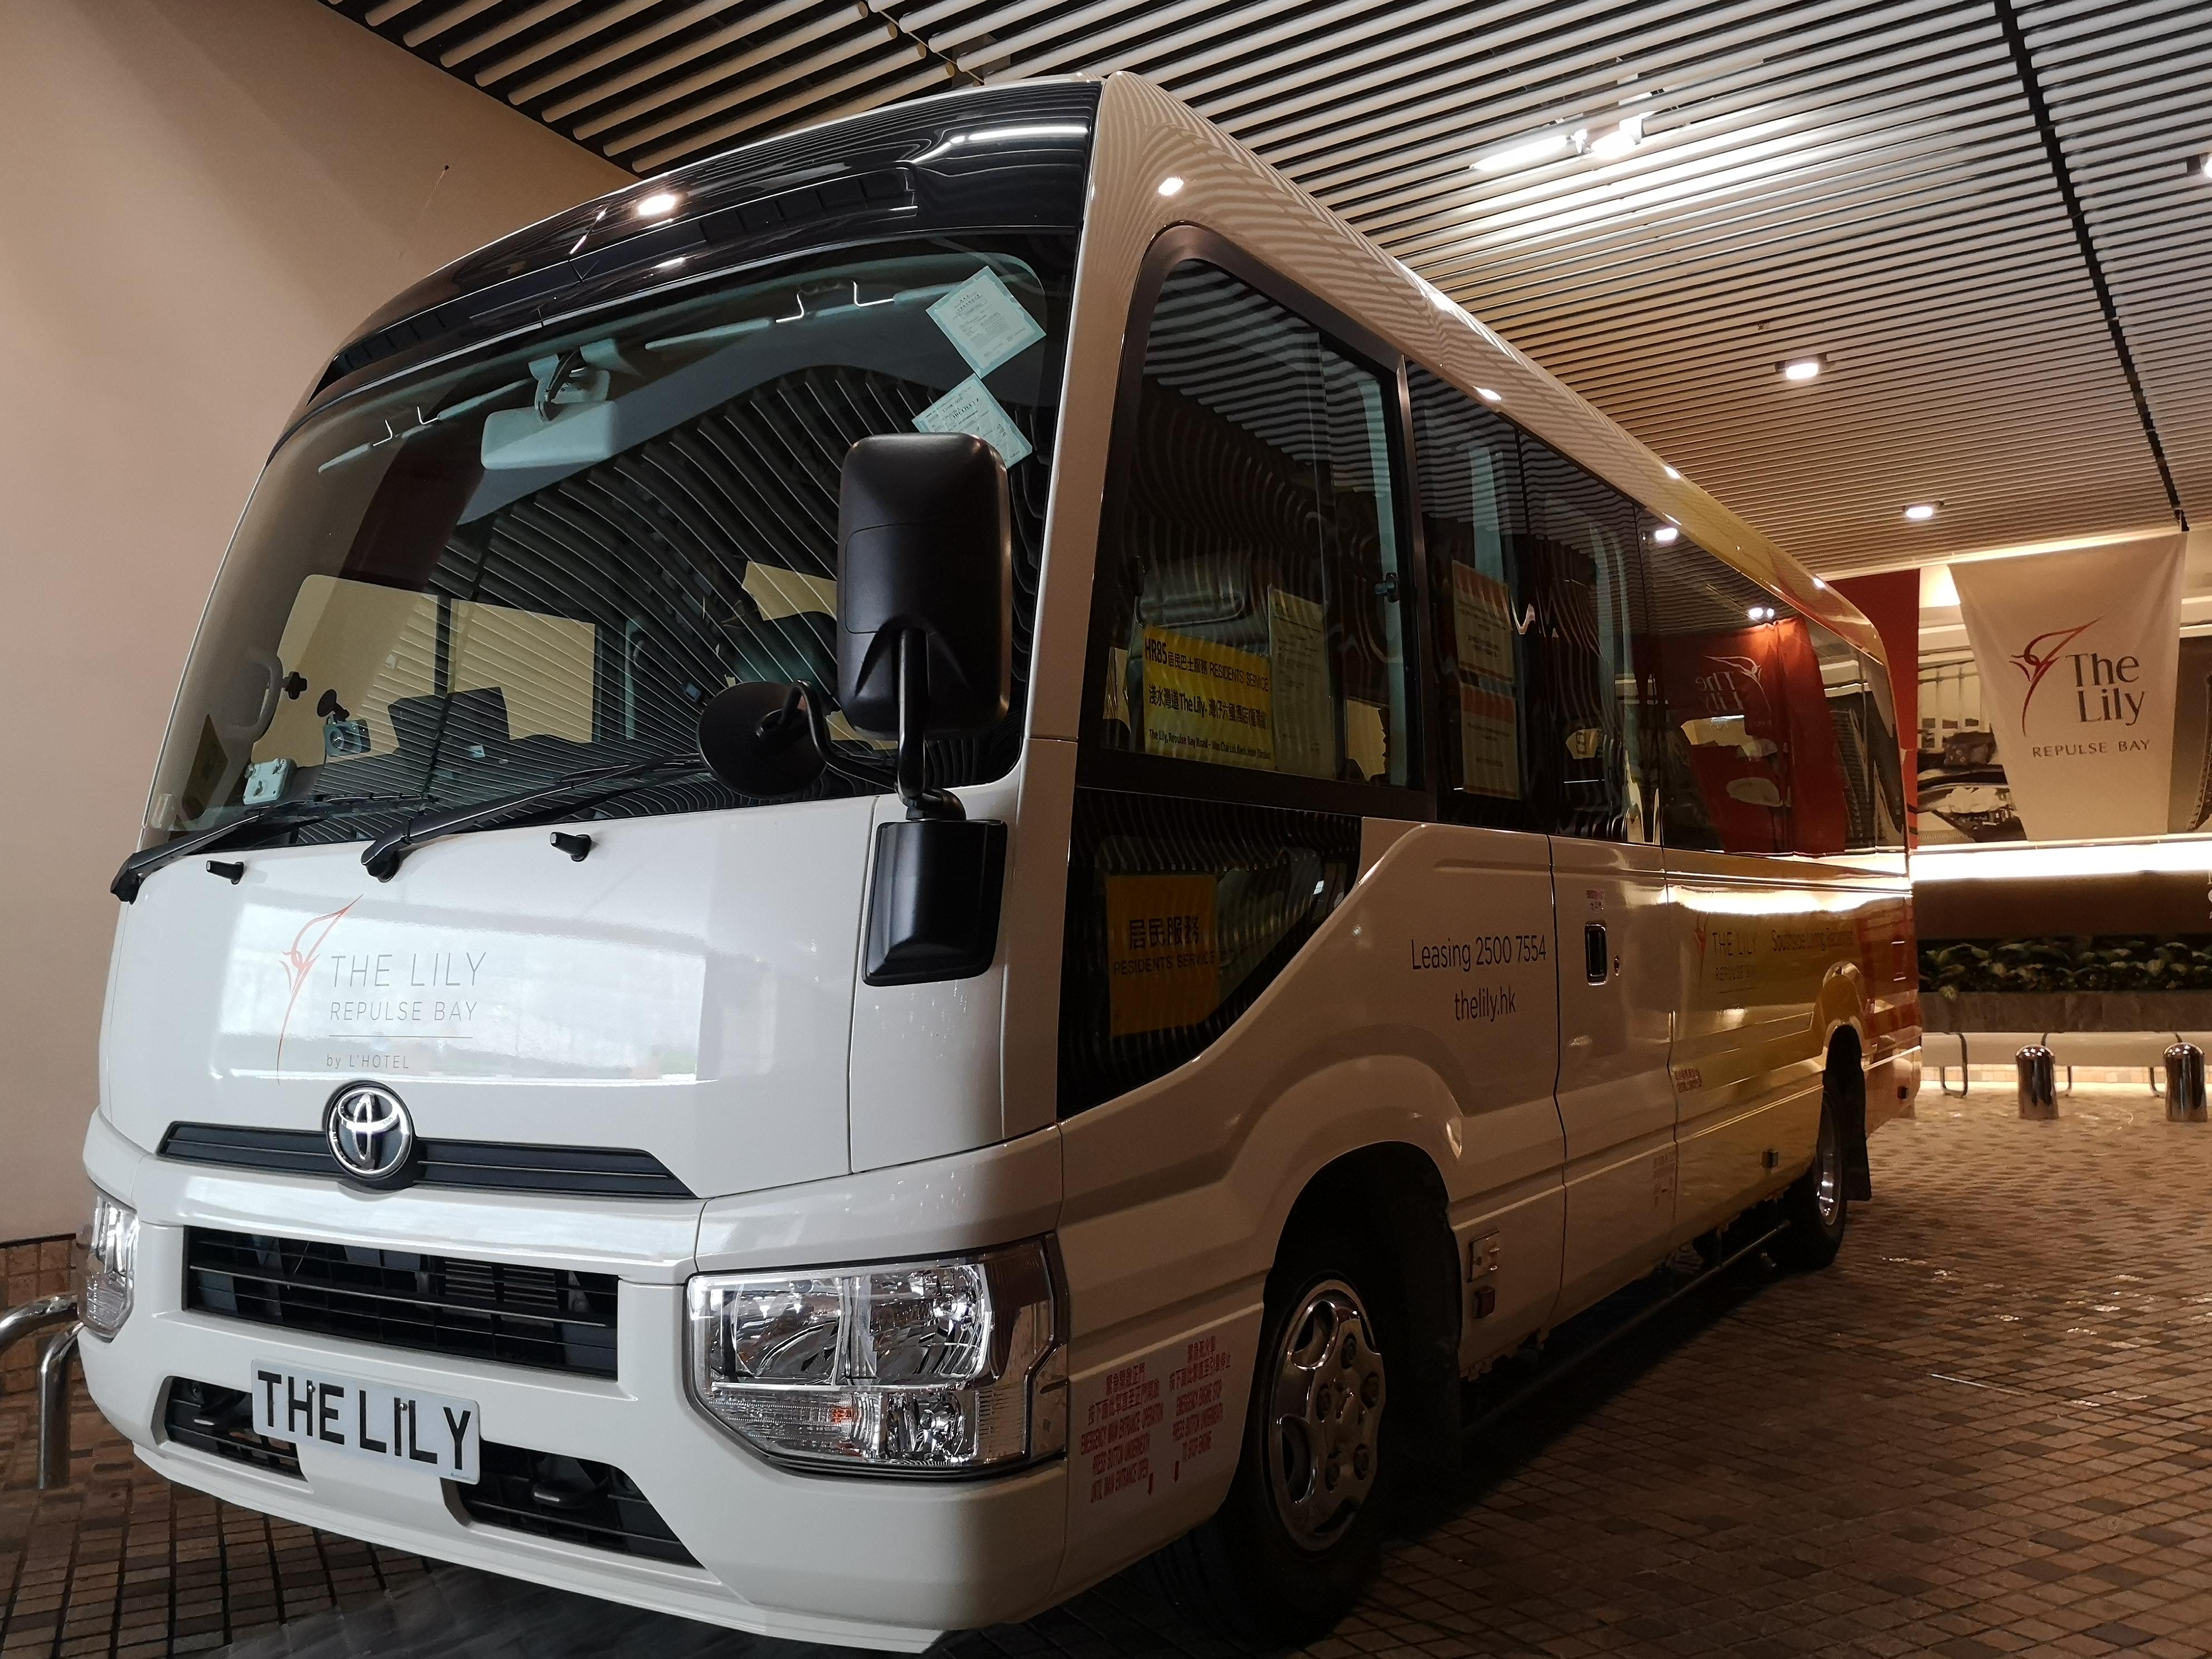 居民巴士HR85線